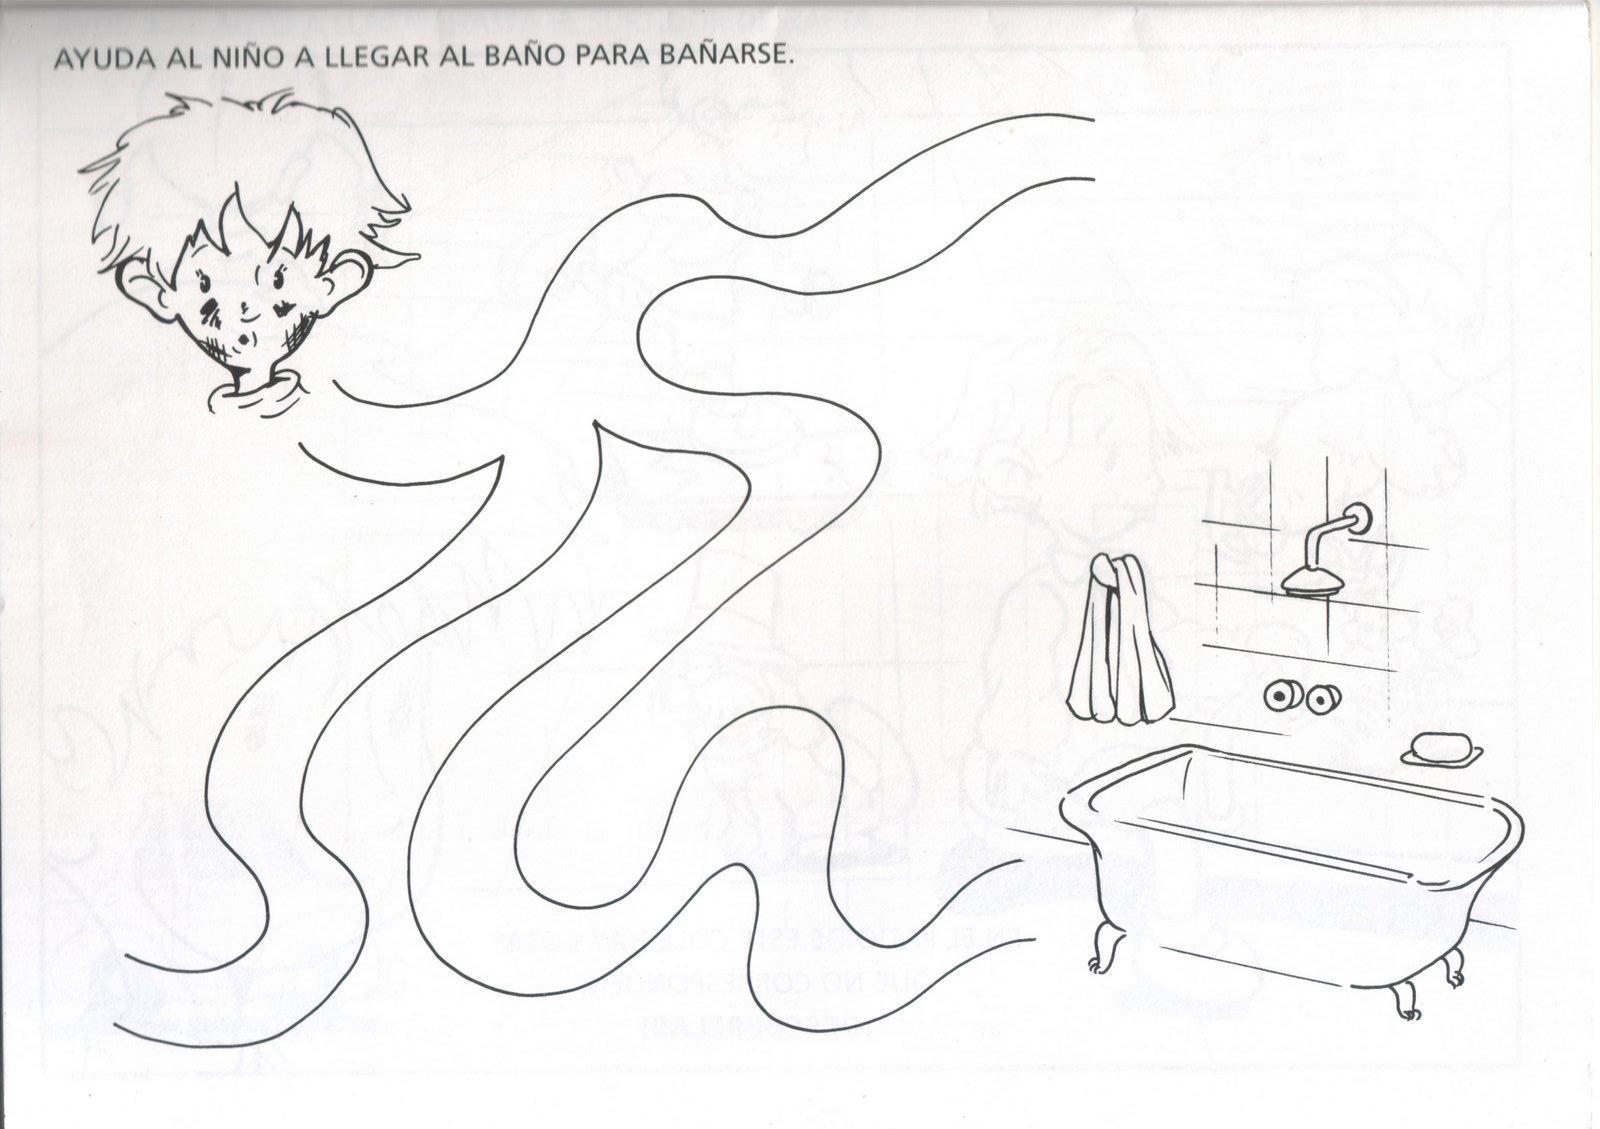 La Higiene Personal: Fichas para trabajar